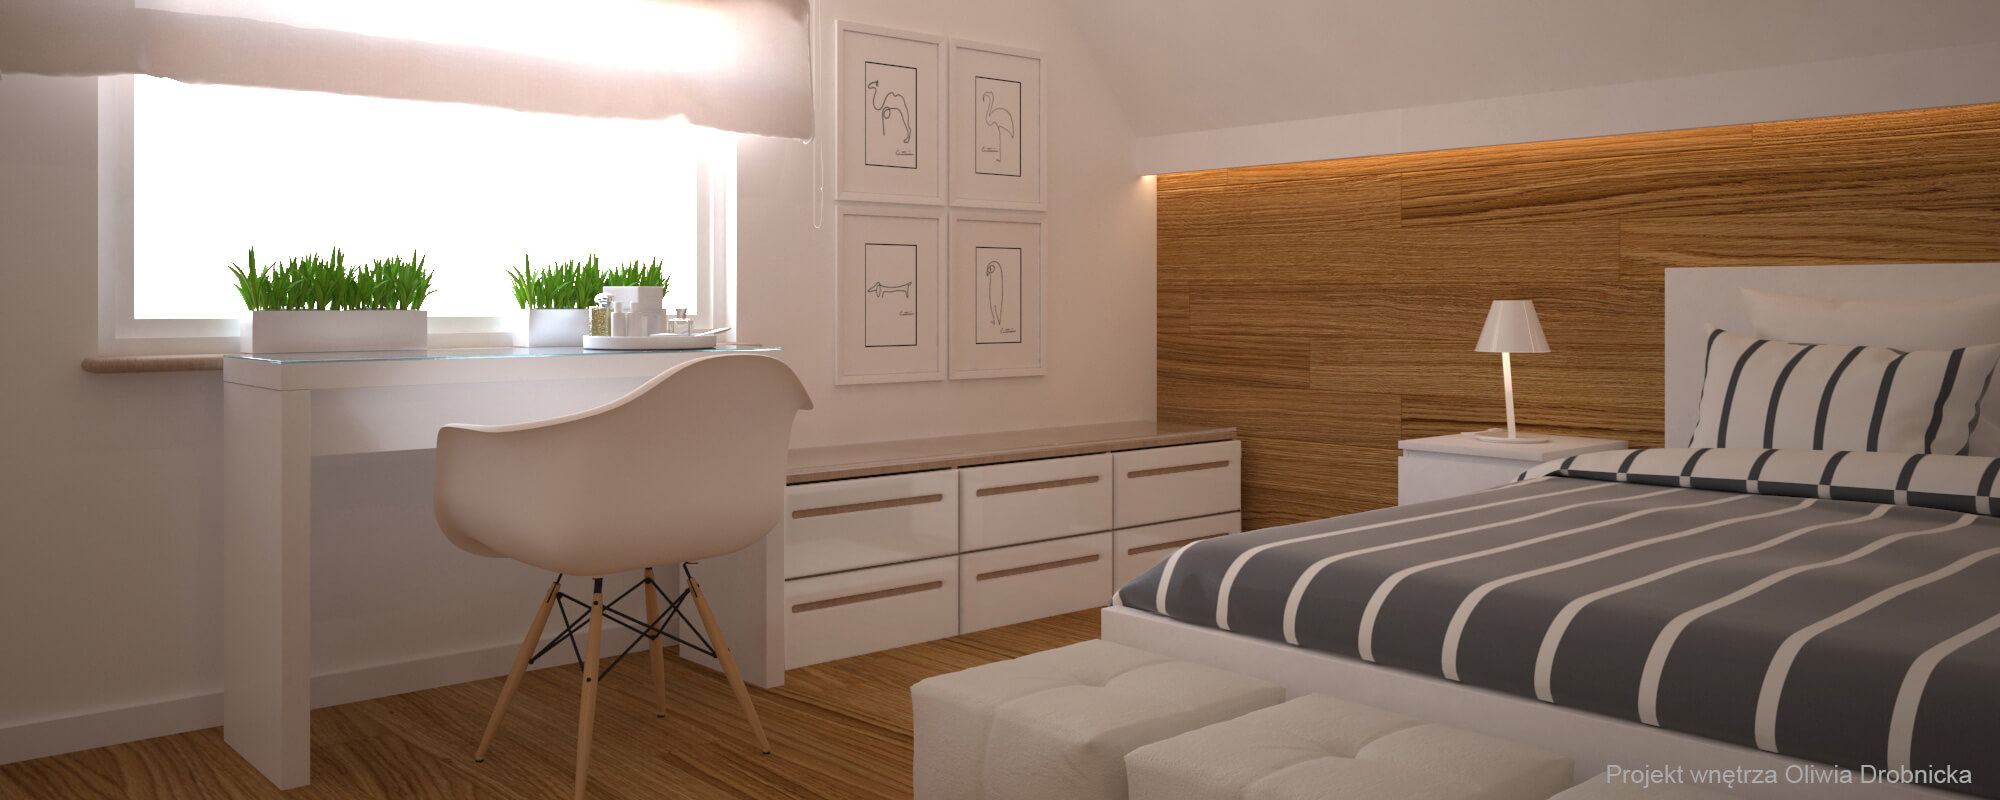 Projektowanie wnętrz Sypialnia